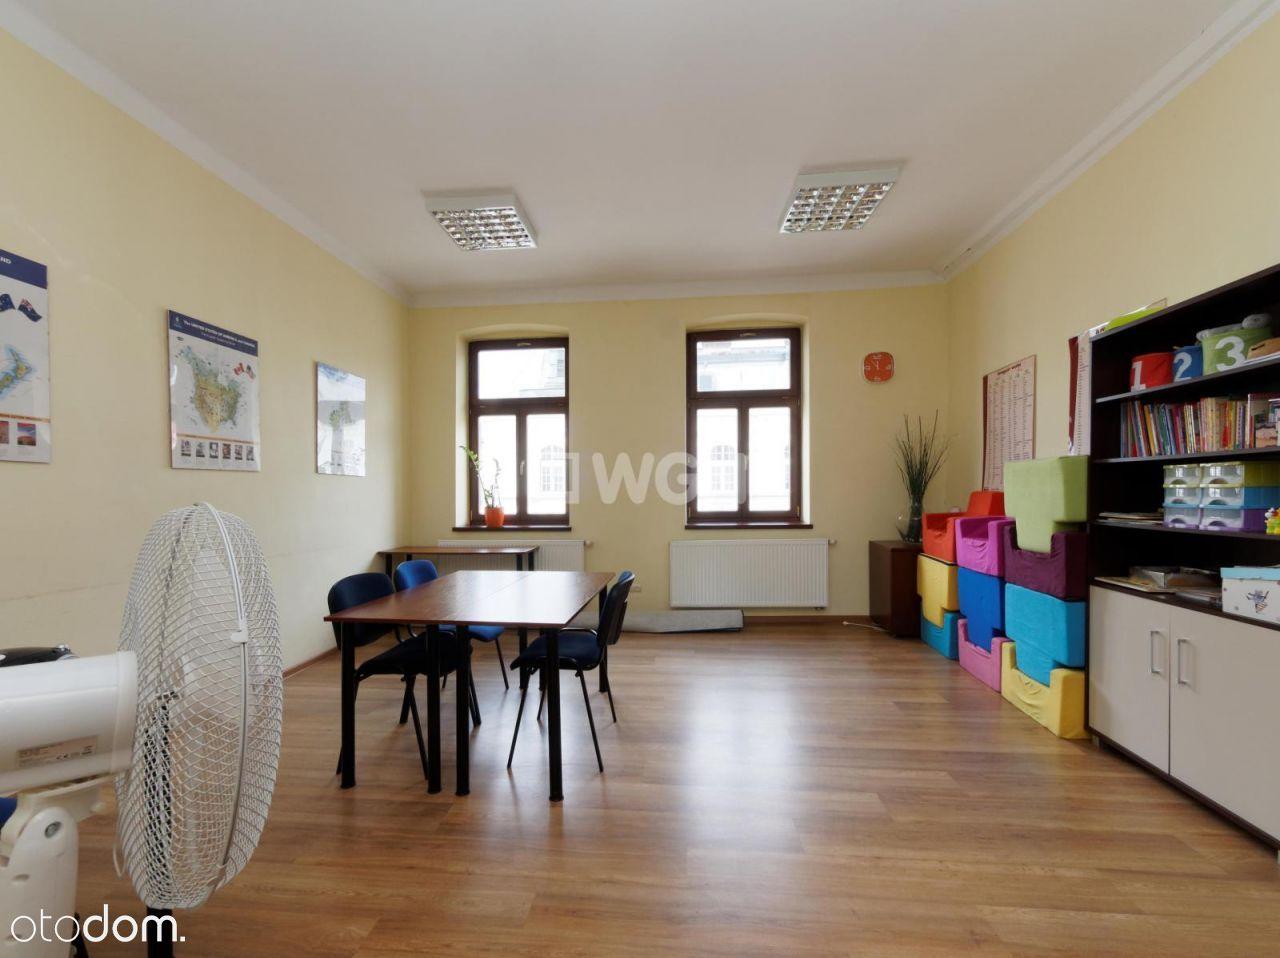 Lokal użytkowy na sprzedaż, Tarnów, małopolskie - Foto 16